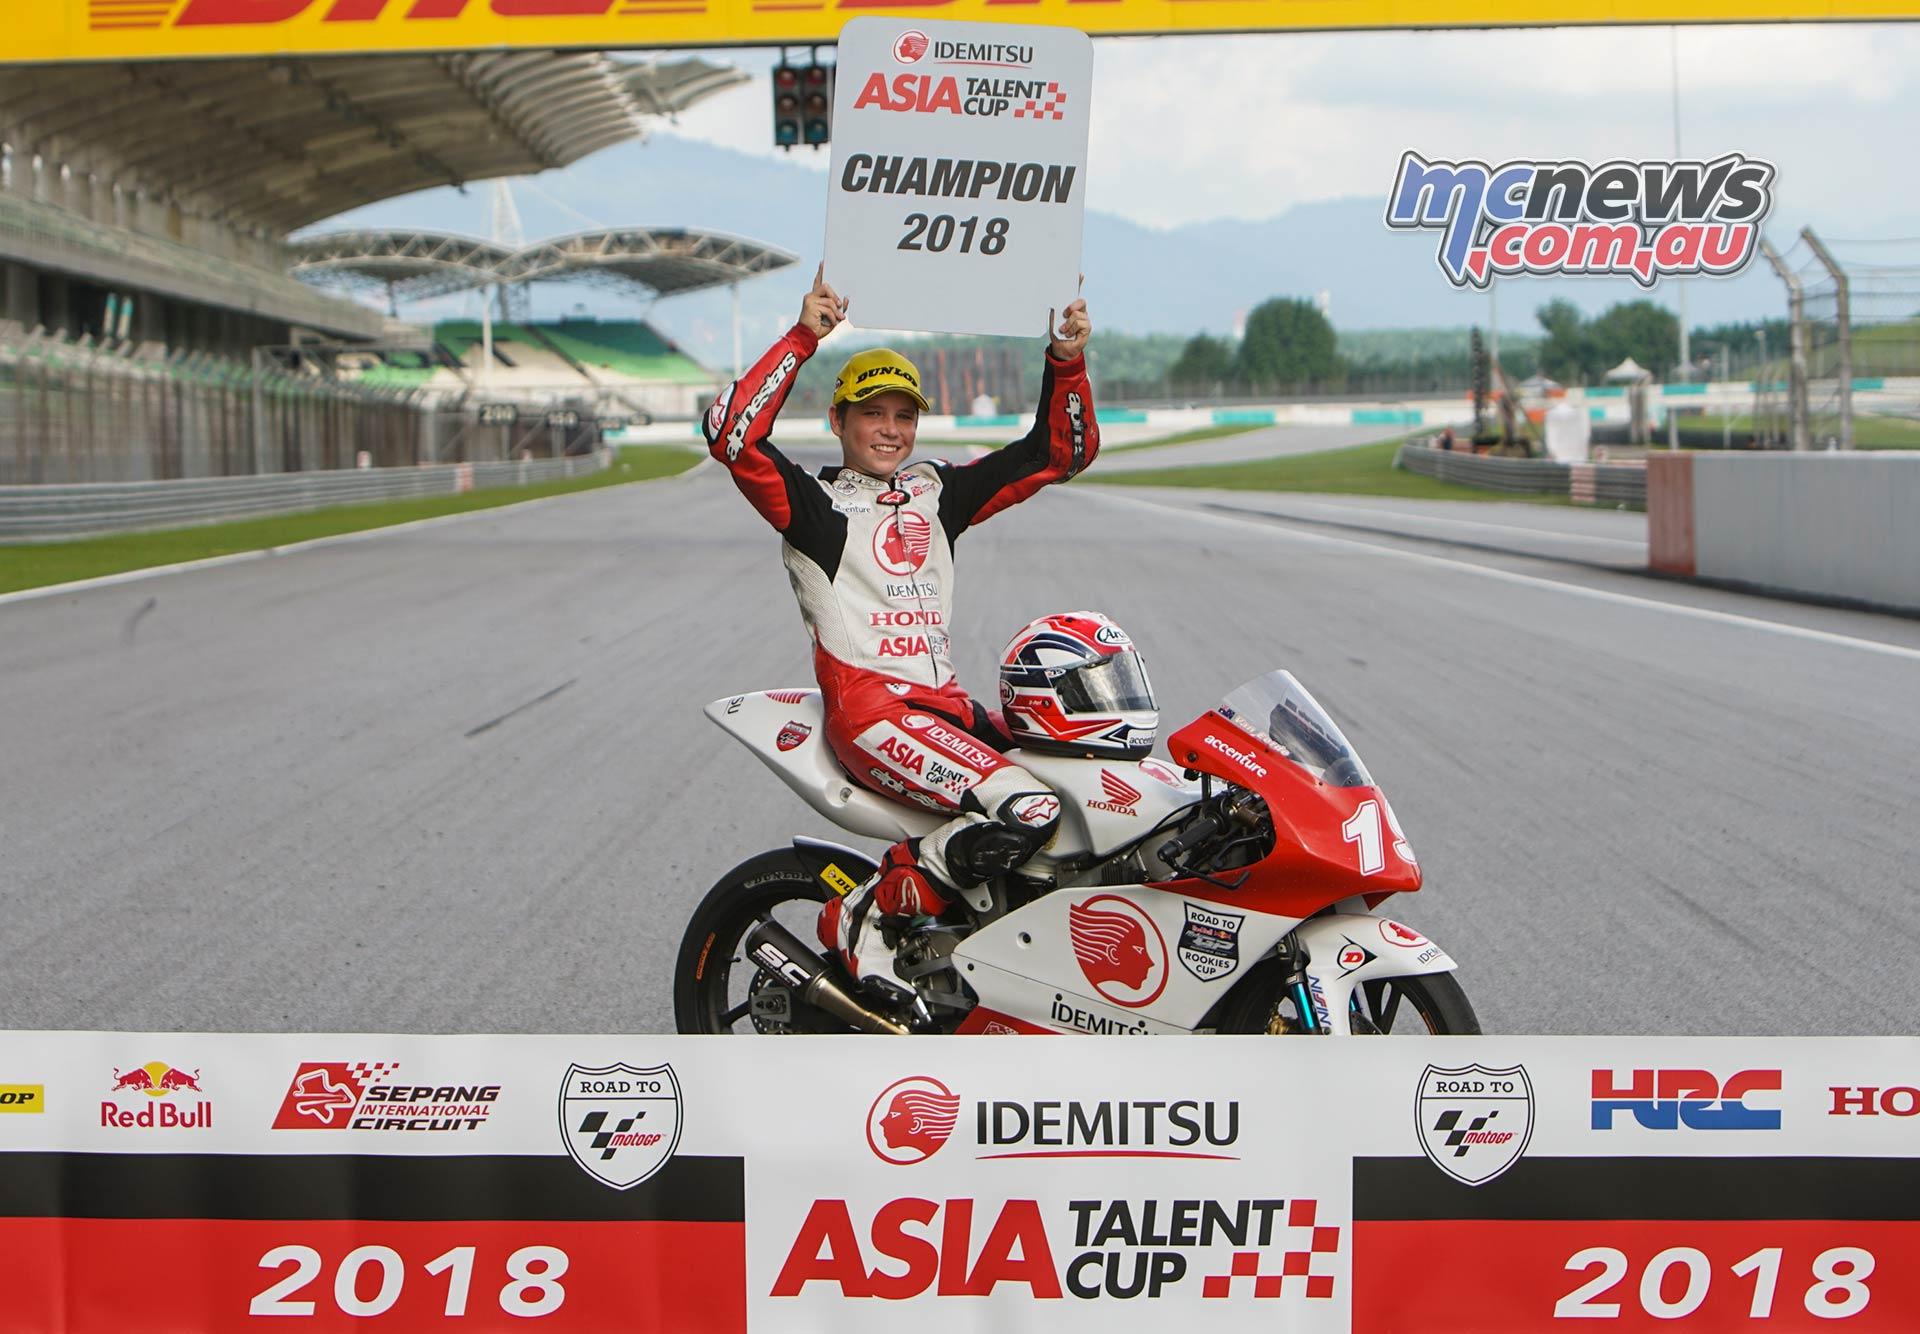 Asia Talent Cup Billy Van Eerde Champ sign